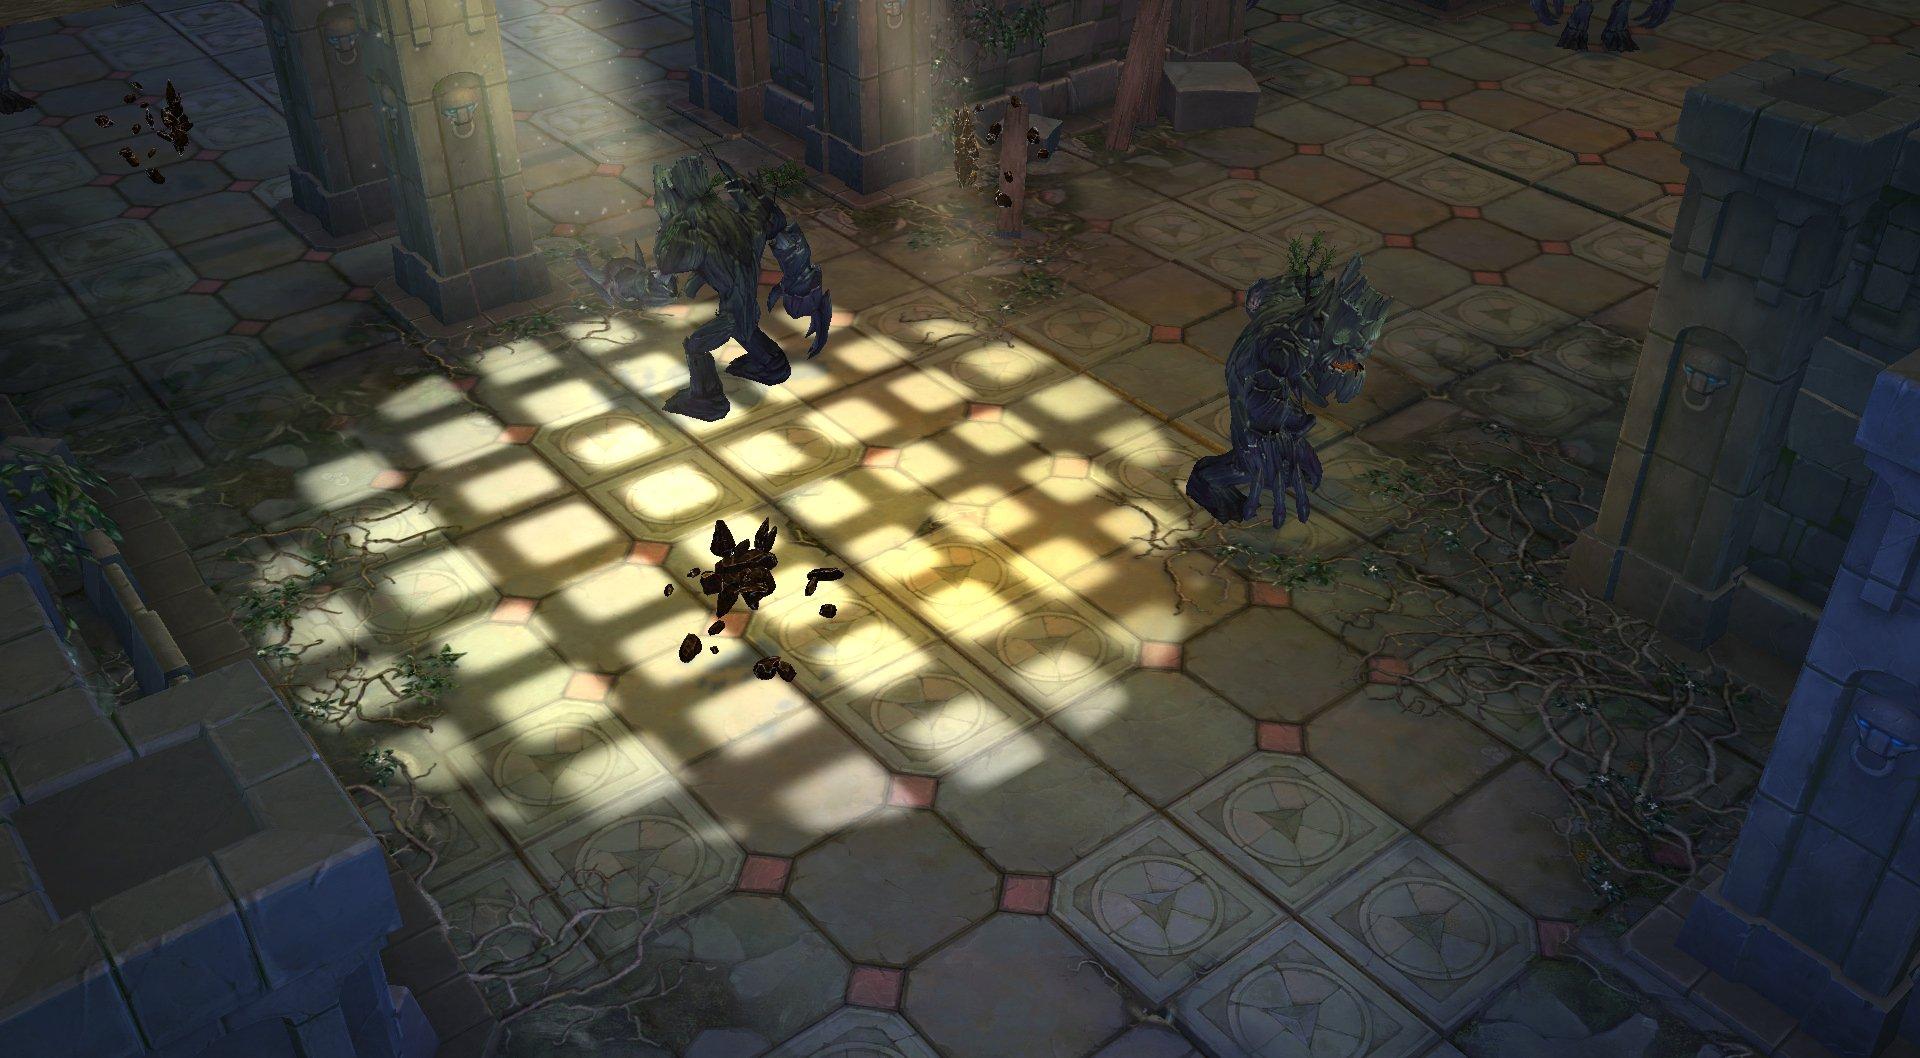 """Рубрика """"Исследуя Ауру"""" рассказывает о том, что и кого можно встретить на просторах мира Royal Quest  Исследуя Ауру ... - Изображение 3"""